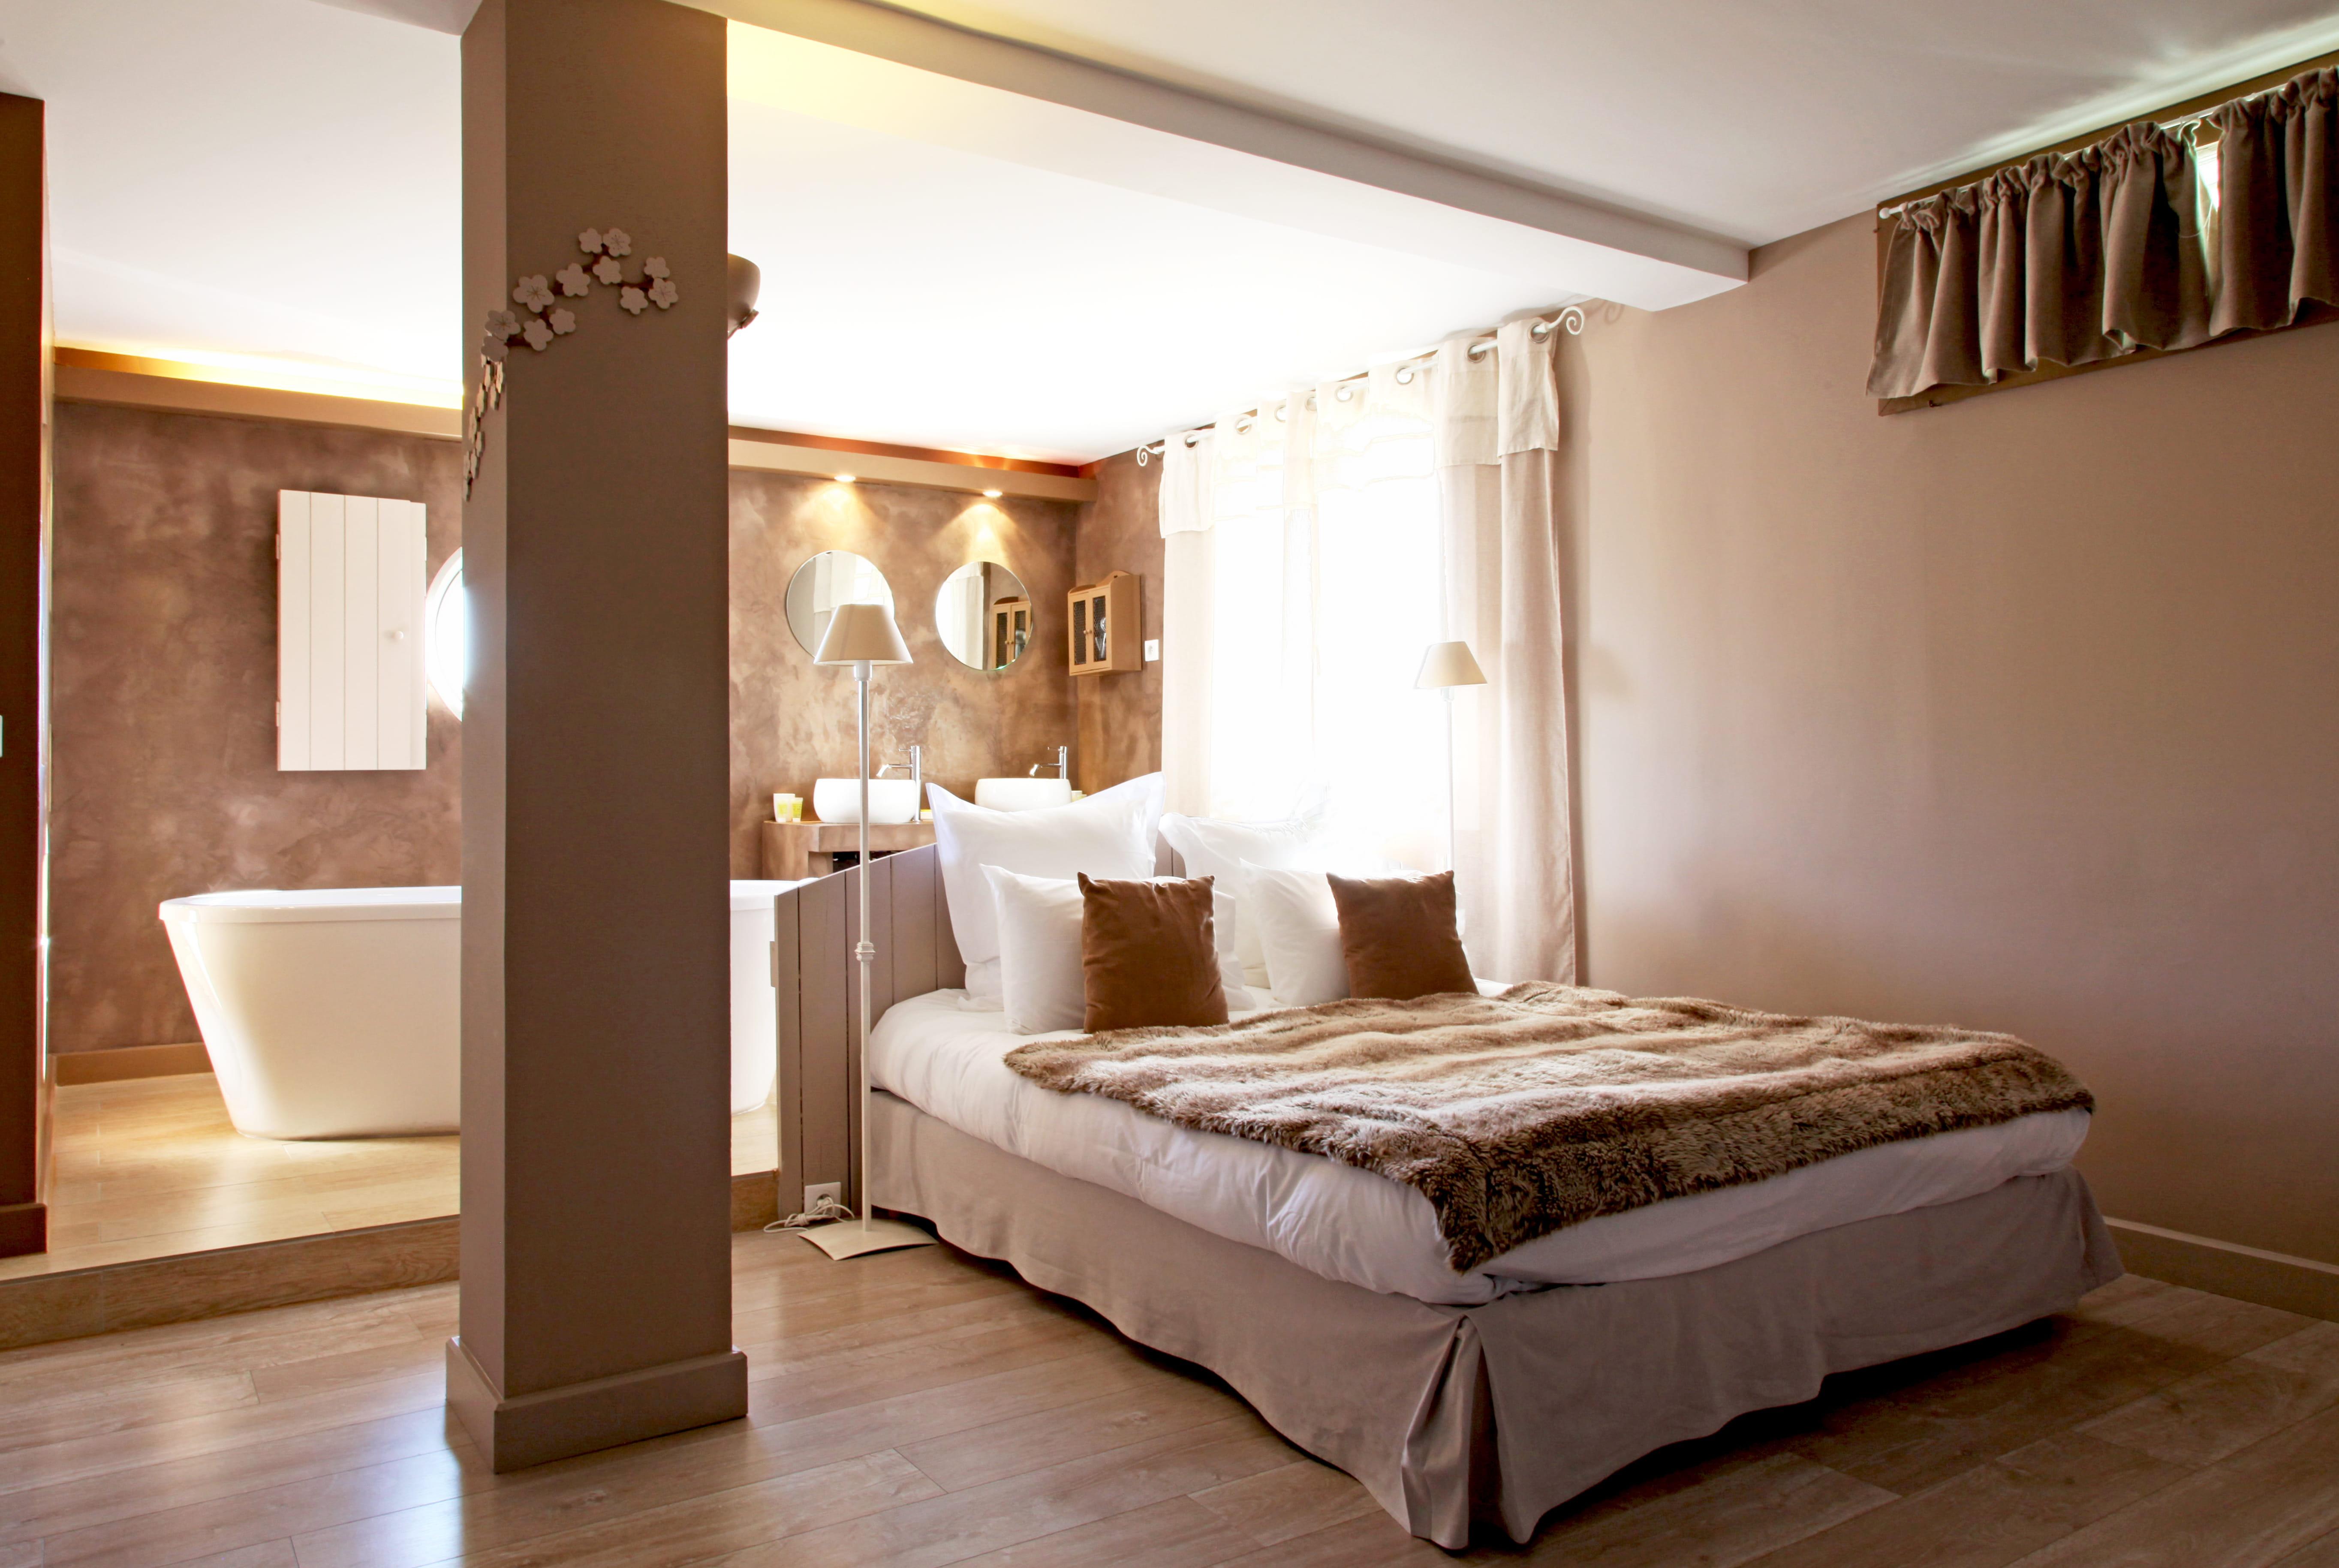 #412614 Suite Parentale Cosy 1167 astuce deco chambre parentale 5455x3657 px @ aertt.com